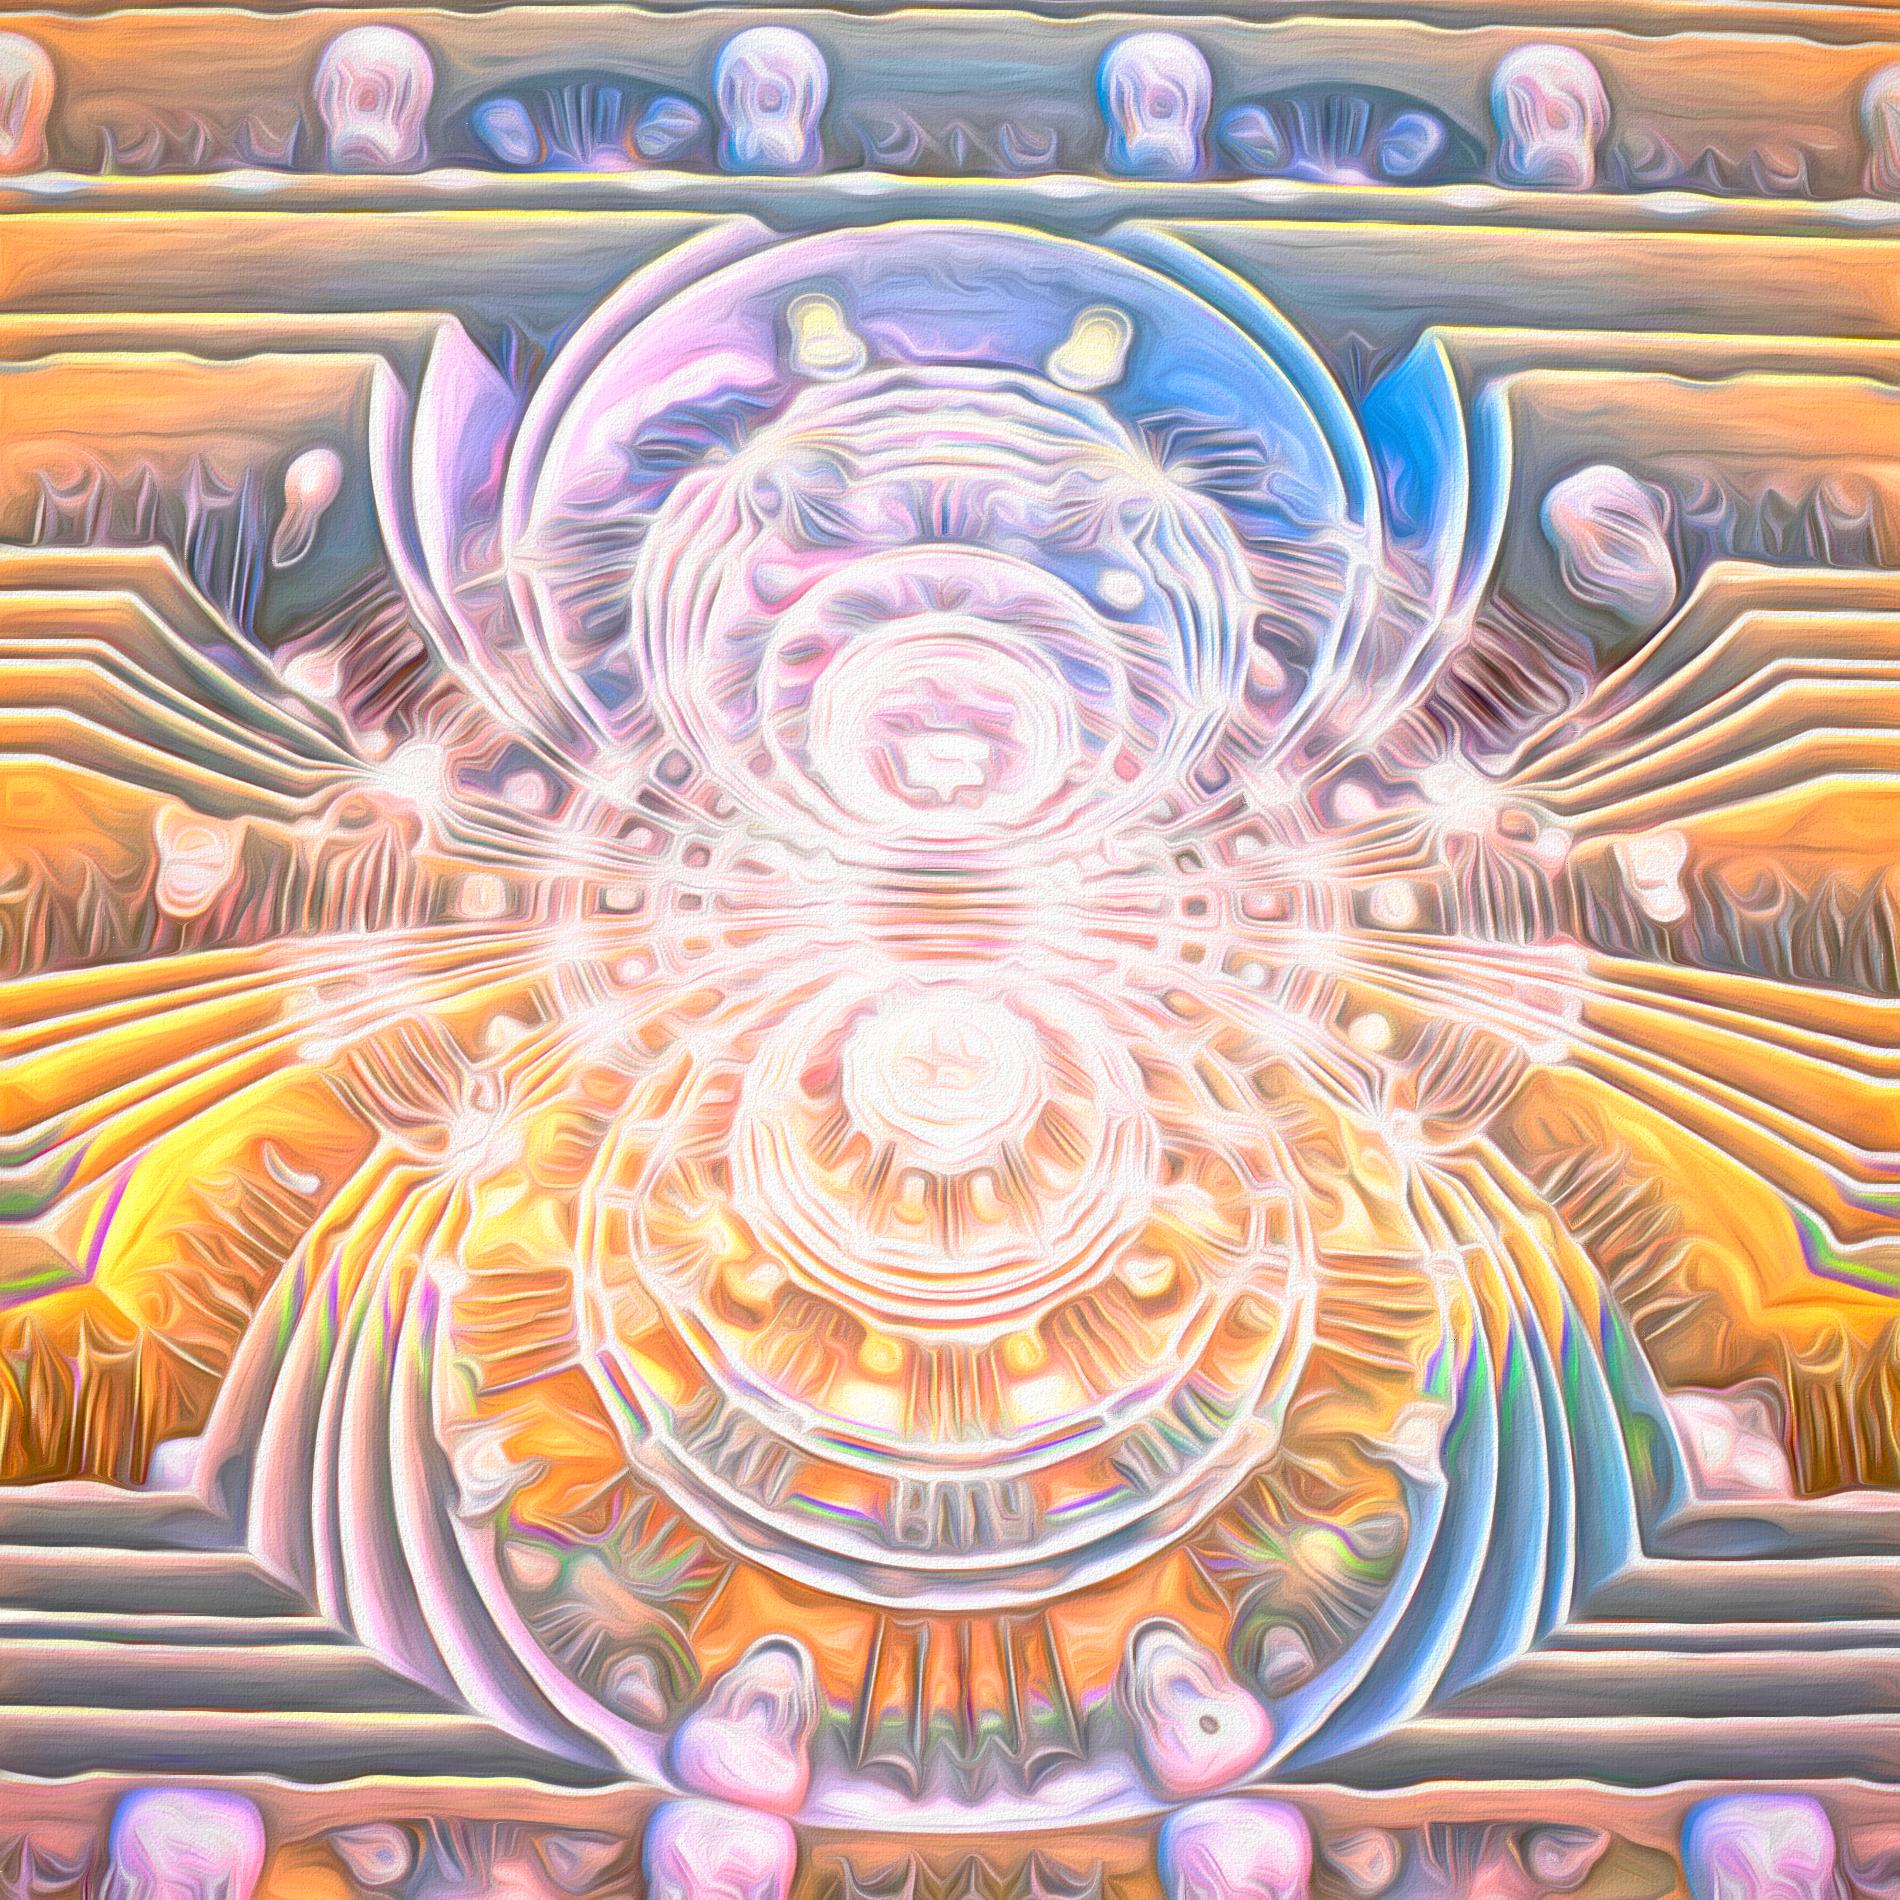 癒しの光&空想世界癒しの光&空想世界の景色:カラフルの景色:カラフル